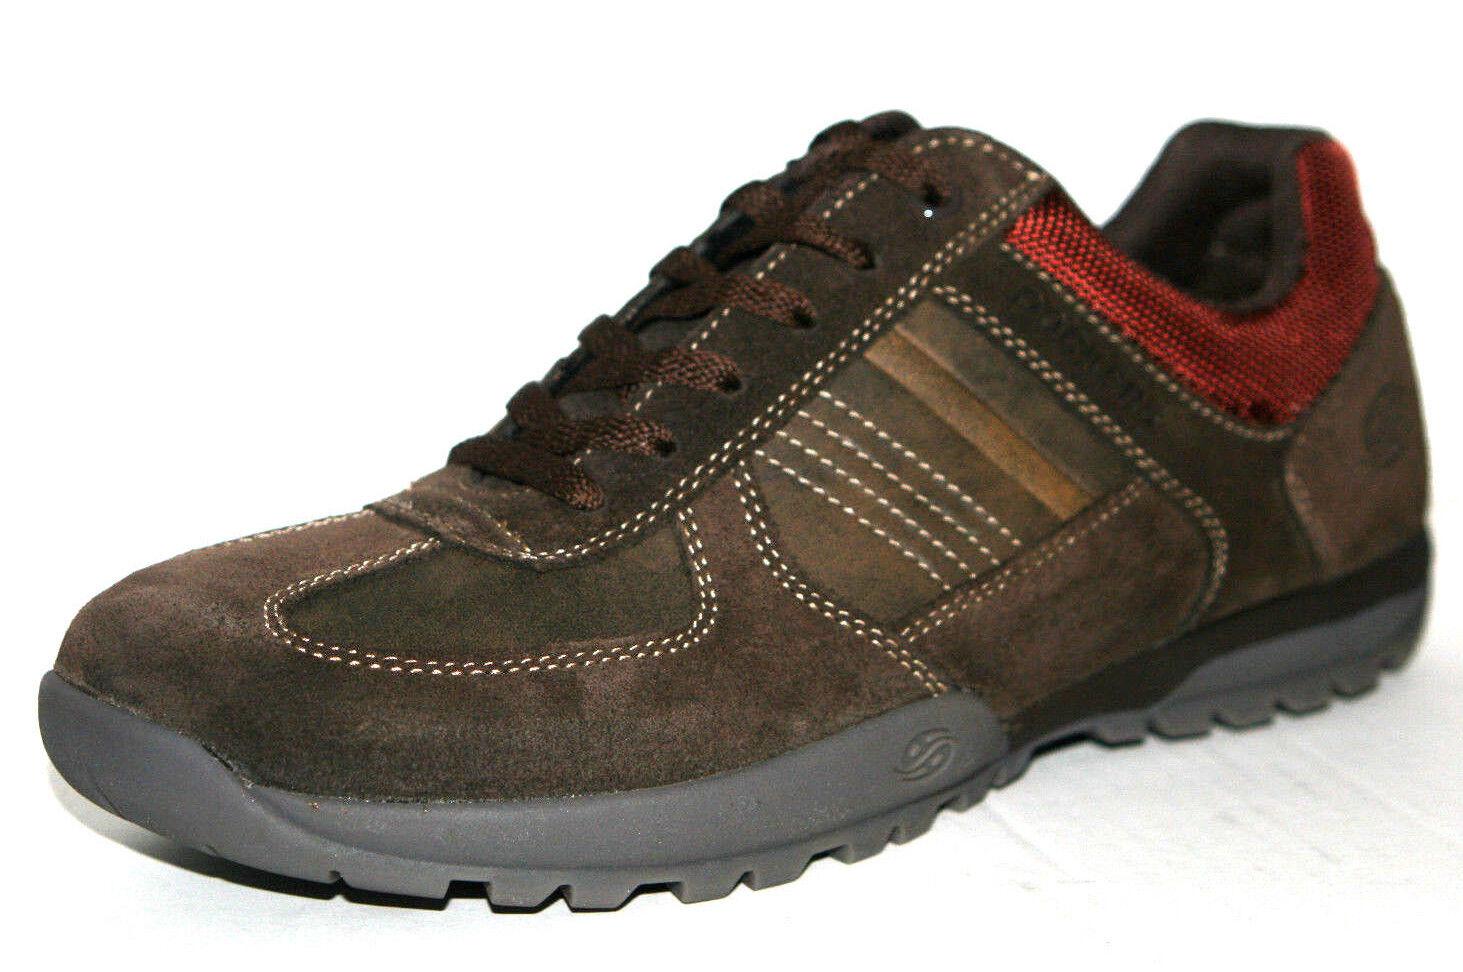 Dockers Scarpe Uomo Scarpe basse con lacci scarpe casual marrone suede